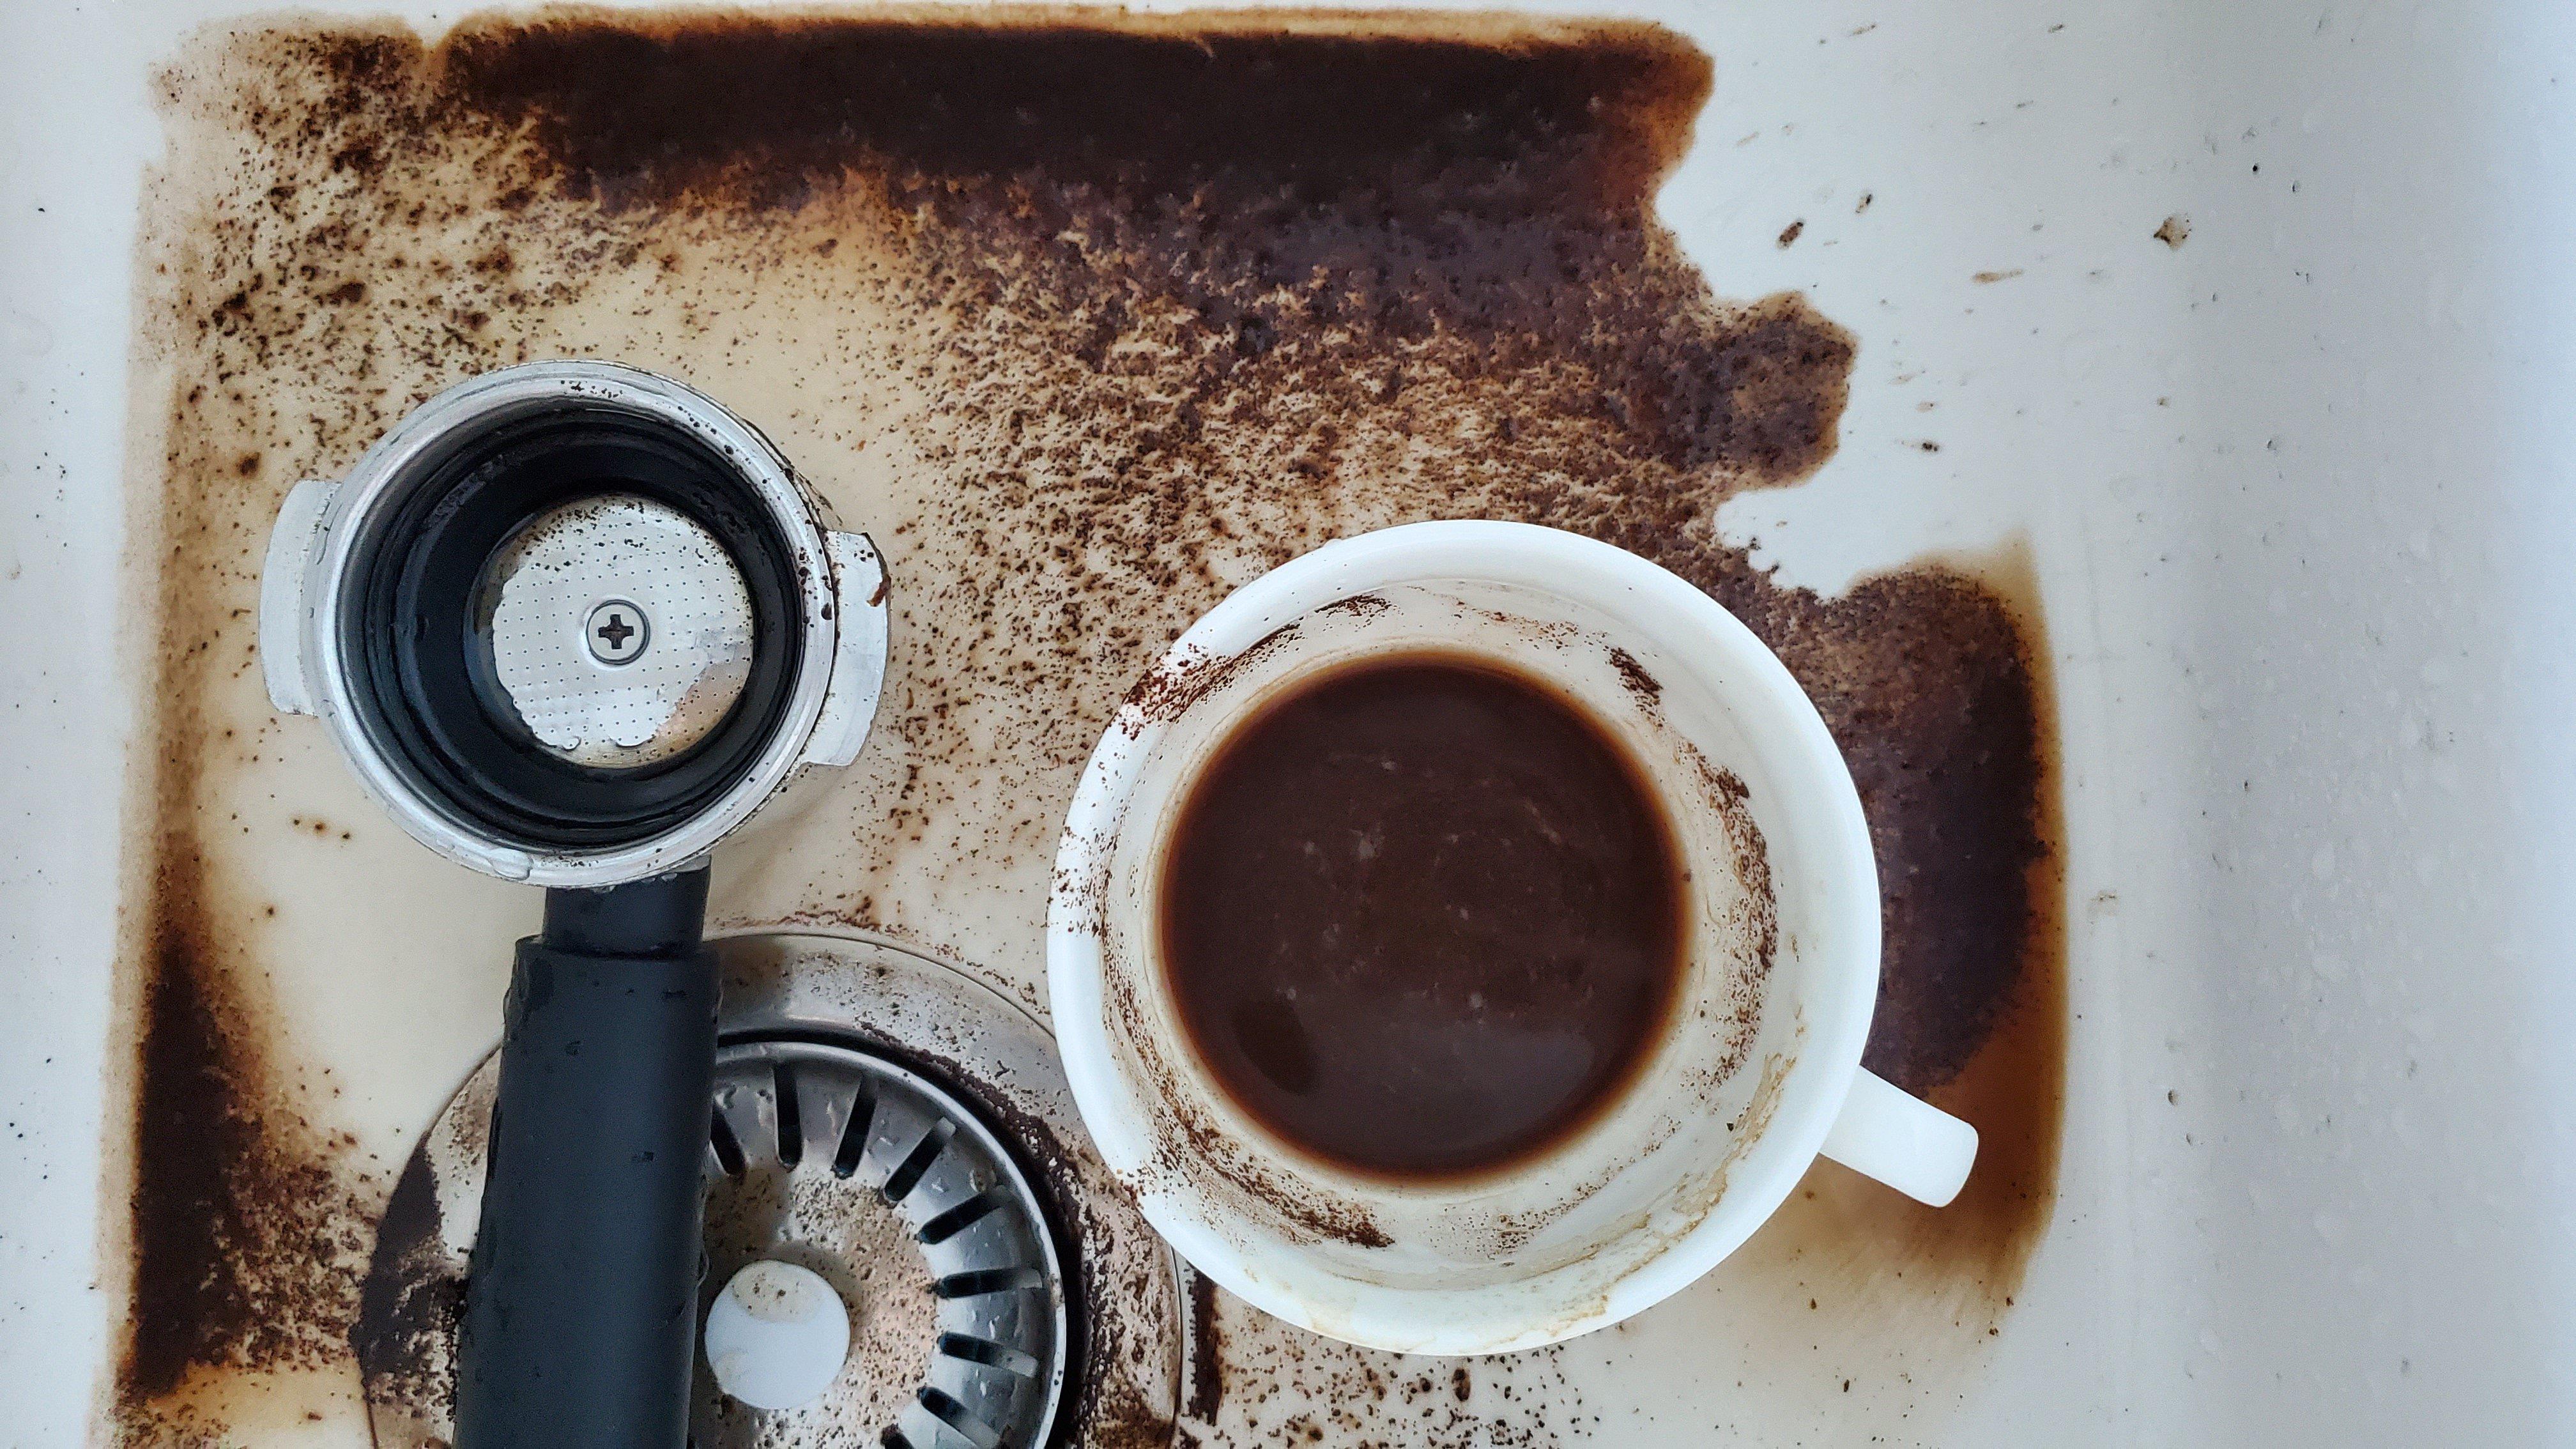 rens av kaffemaskin